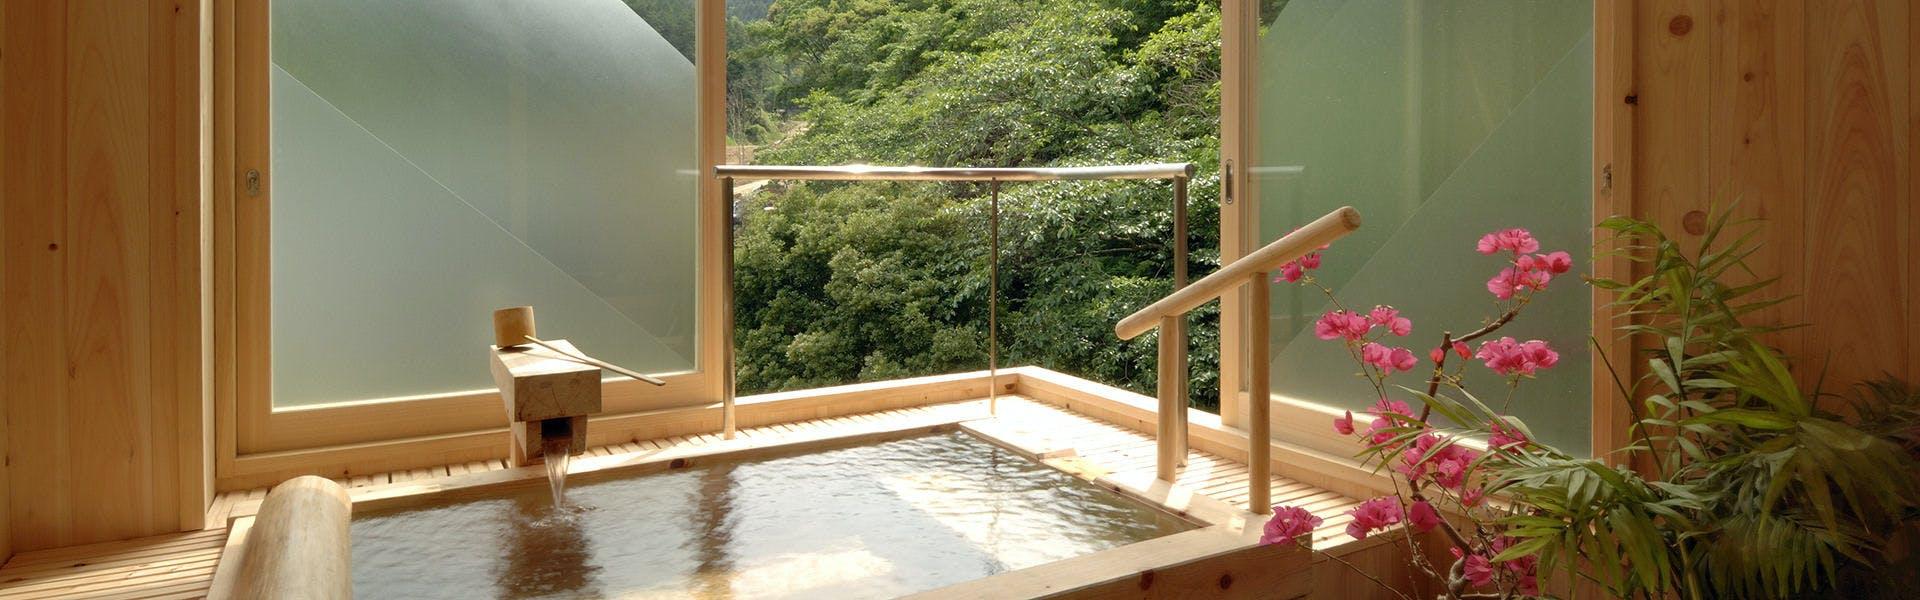 記念日におすすめのホテル・飲泉、自家源泉かけ流しの秘湯 観音温泉の写真2